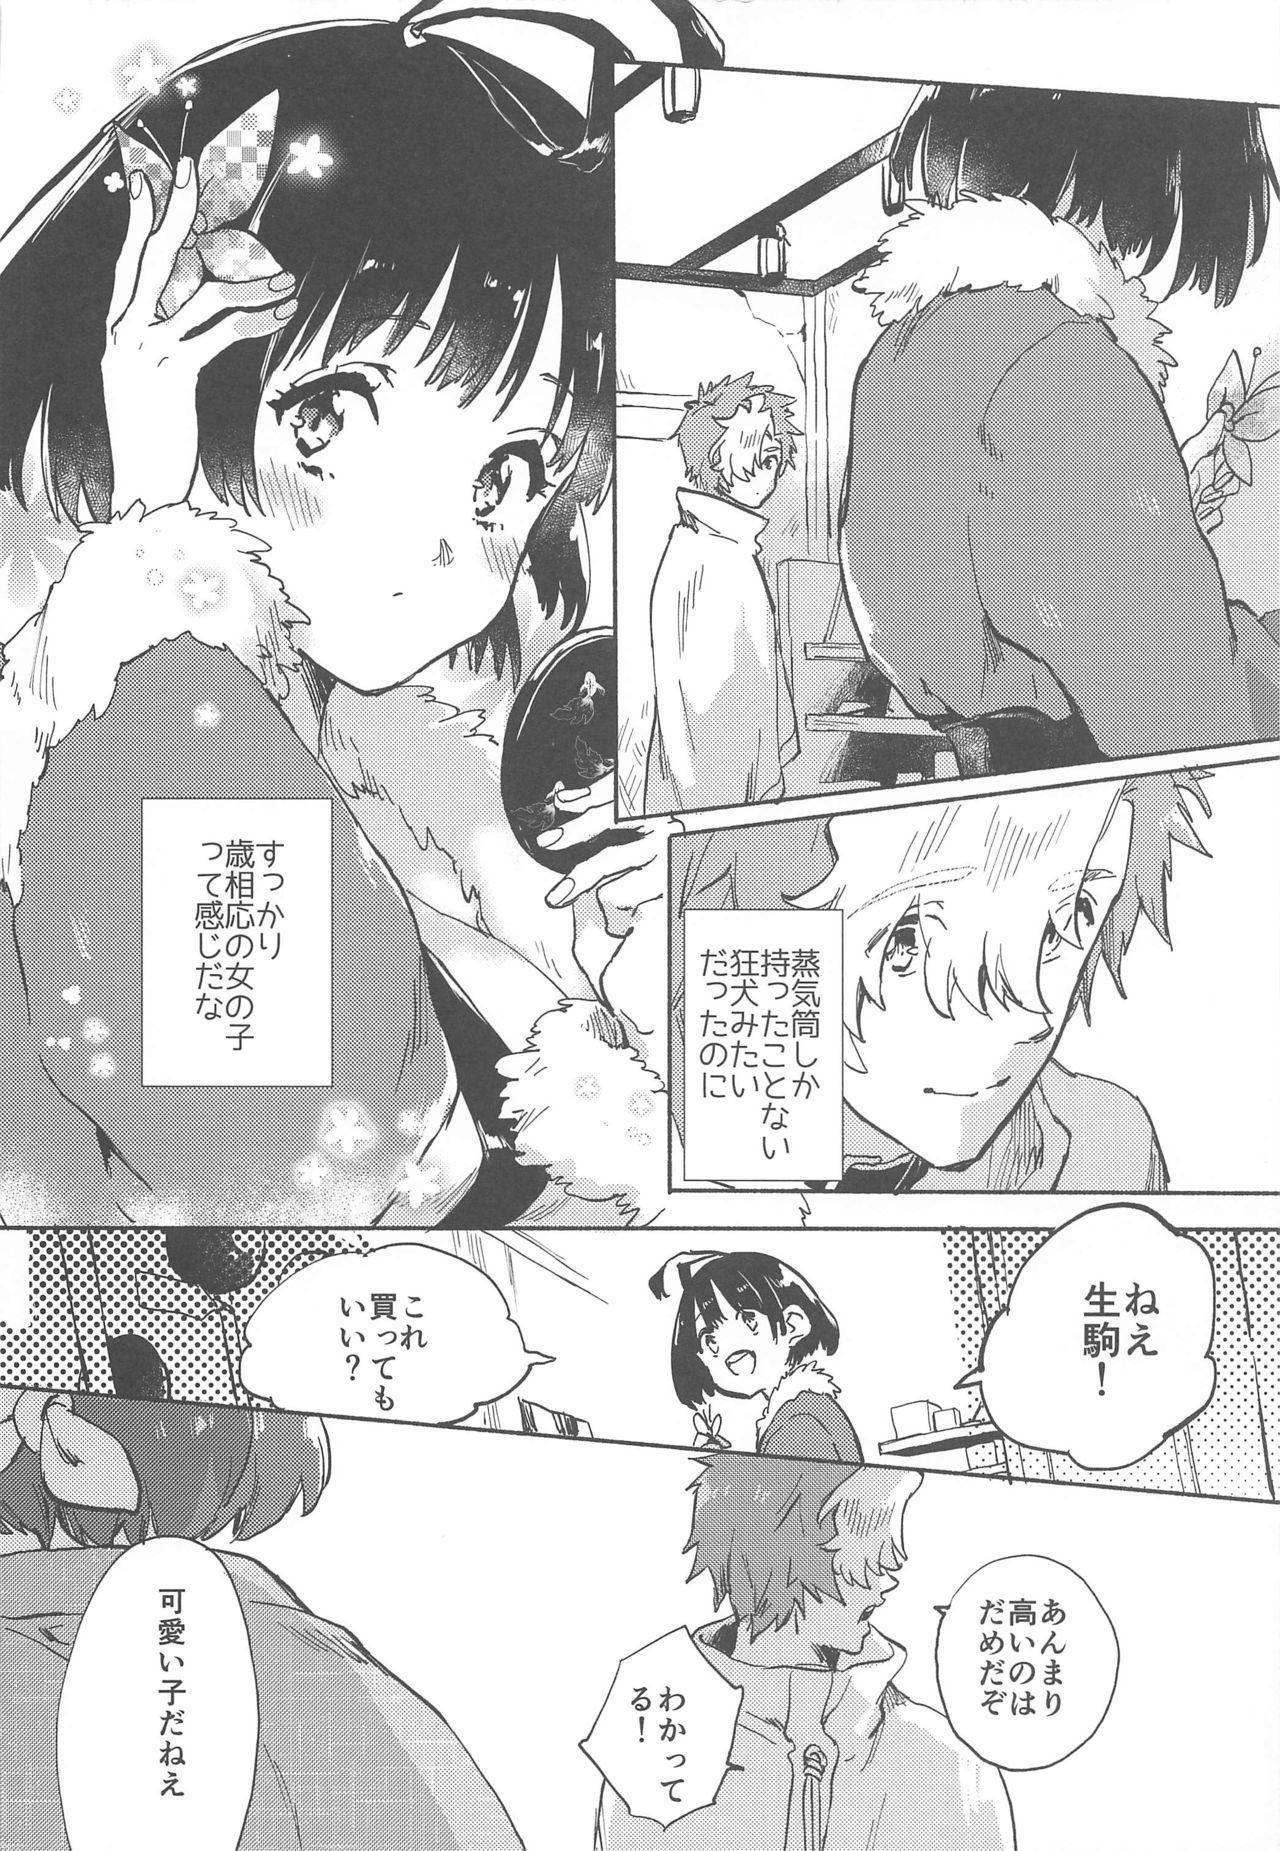 Unato Yukimi Onsen Ikomume Ichaicha Ippakufutsuka no Tabi 2